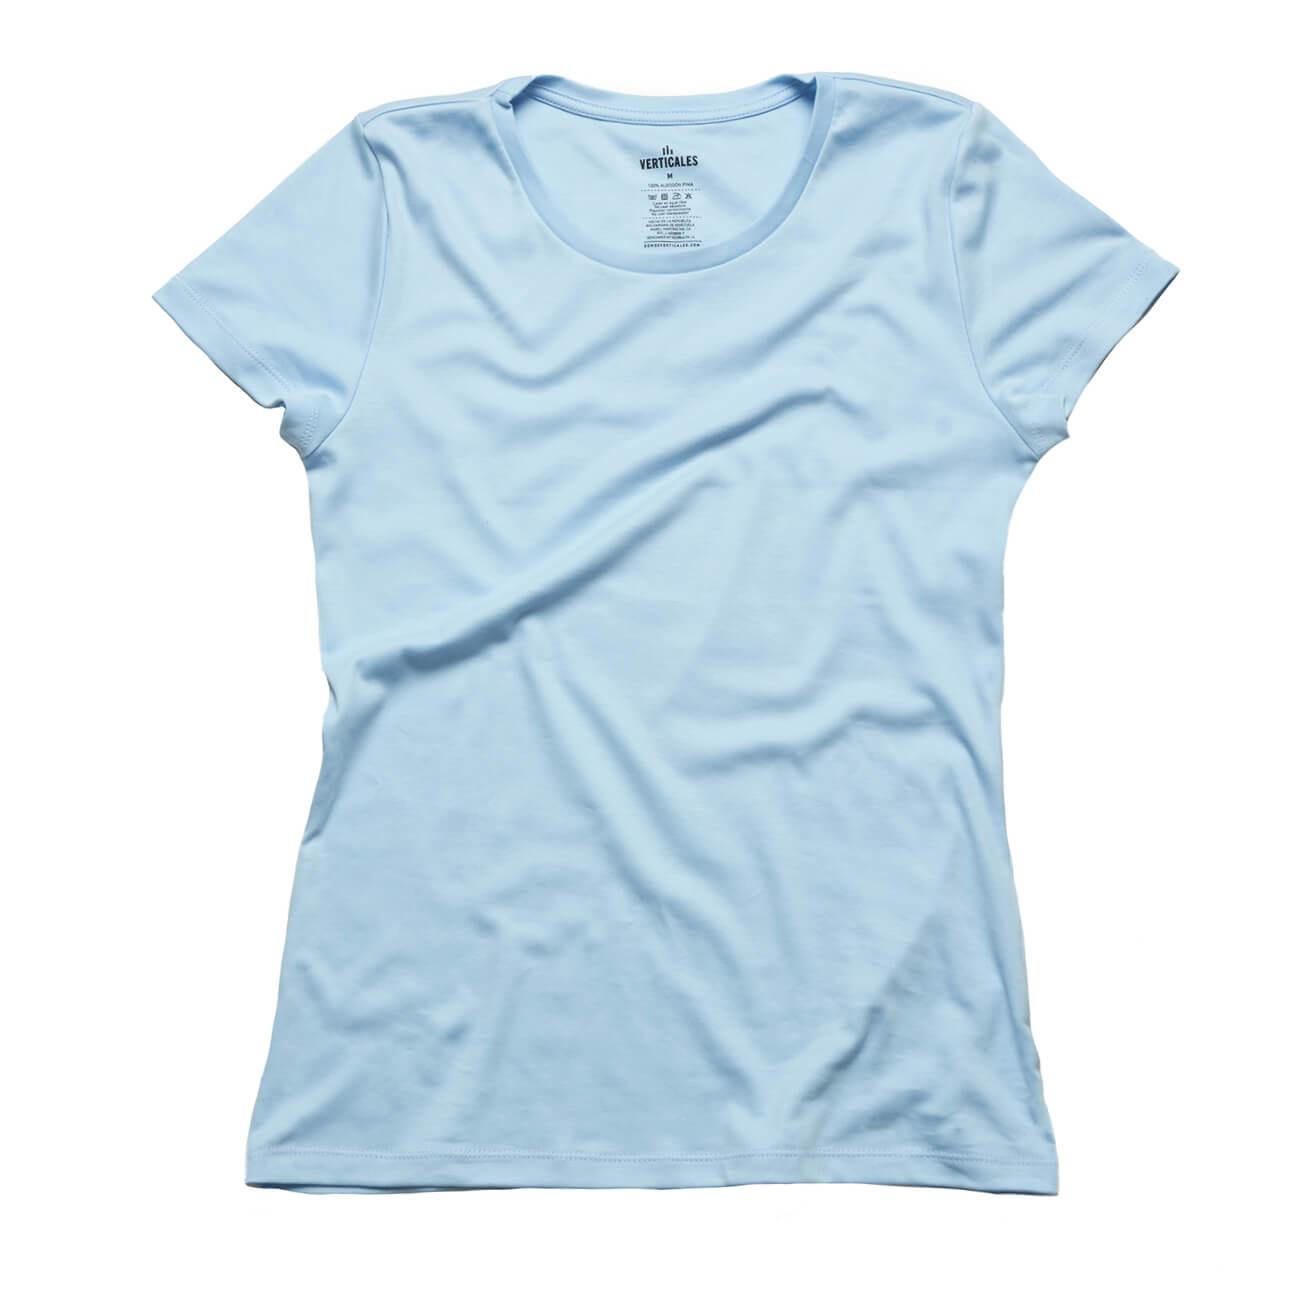 Franela basica Verticales damas cuello redondo azul claro